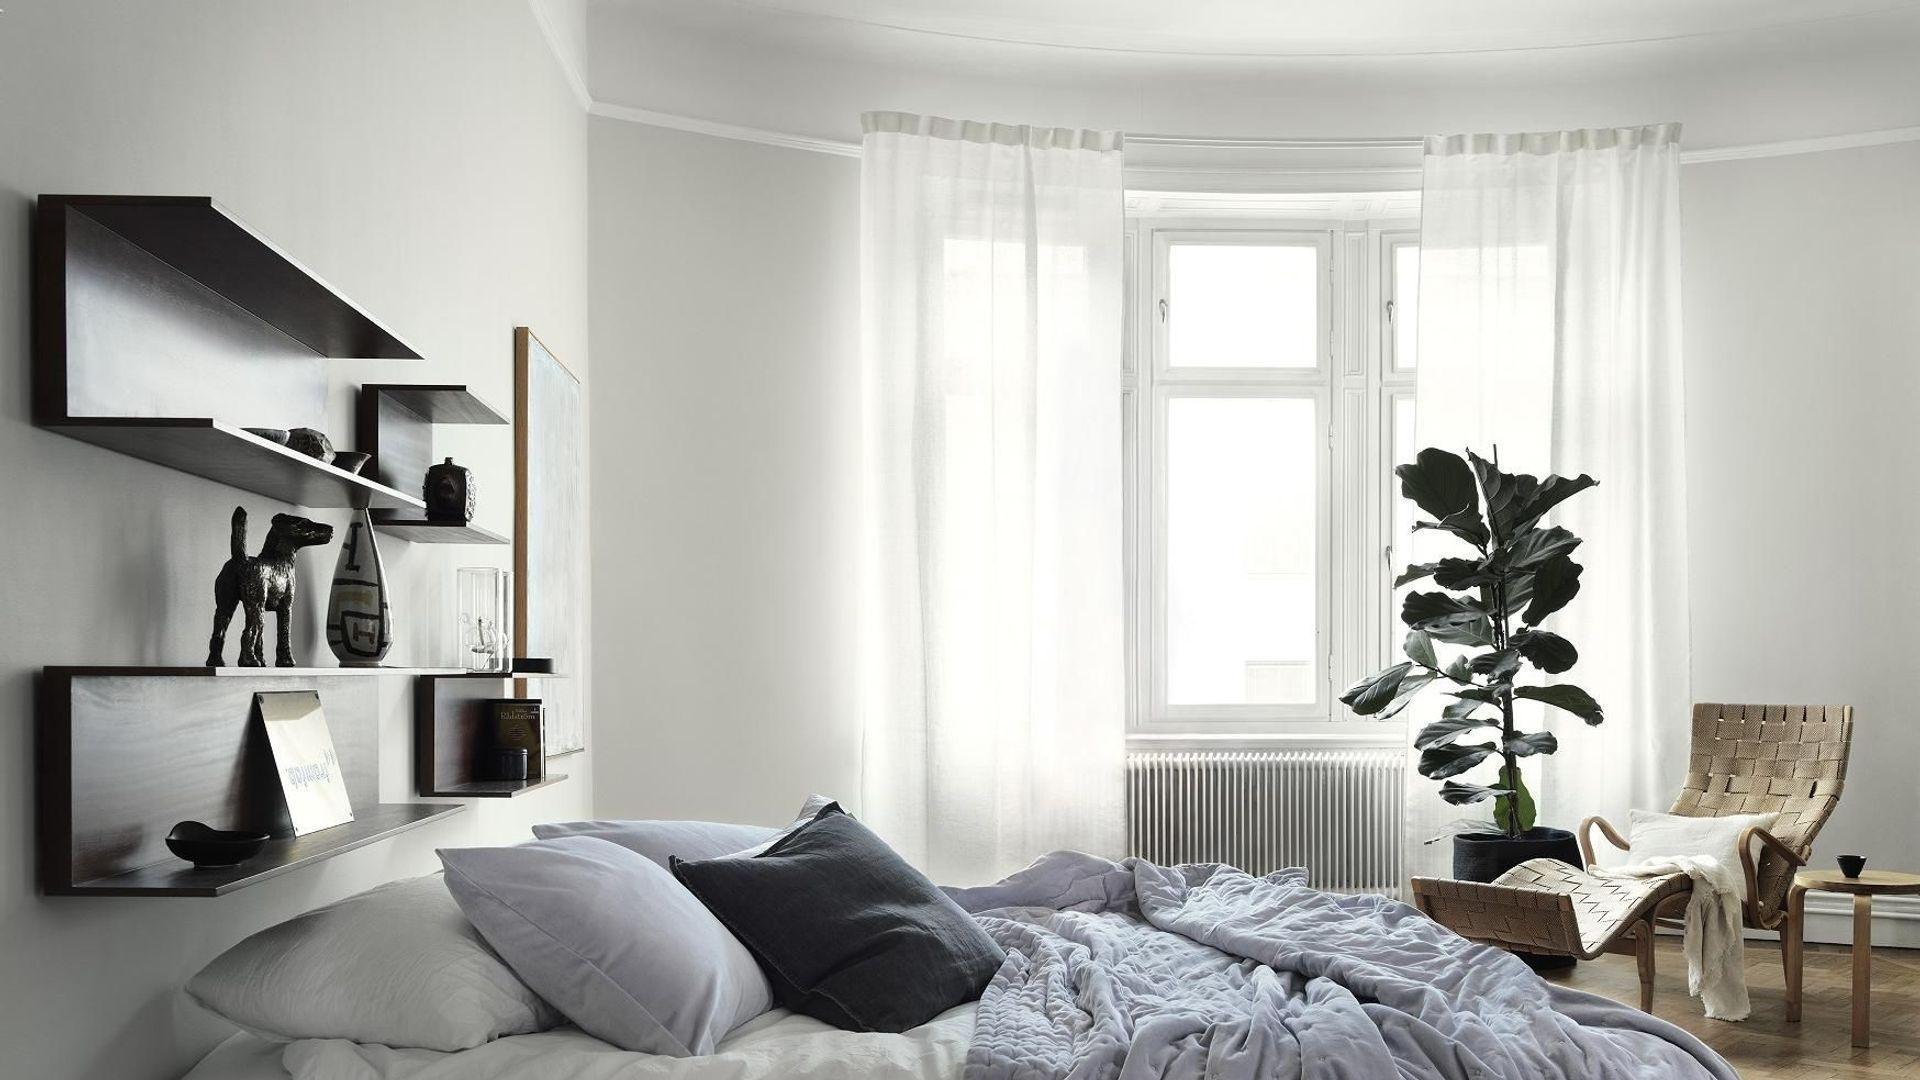 Charmant 5 Trucs Que Chaque Couple Doit Avoir Dans Sa Chambre   Elle Décoration